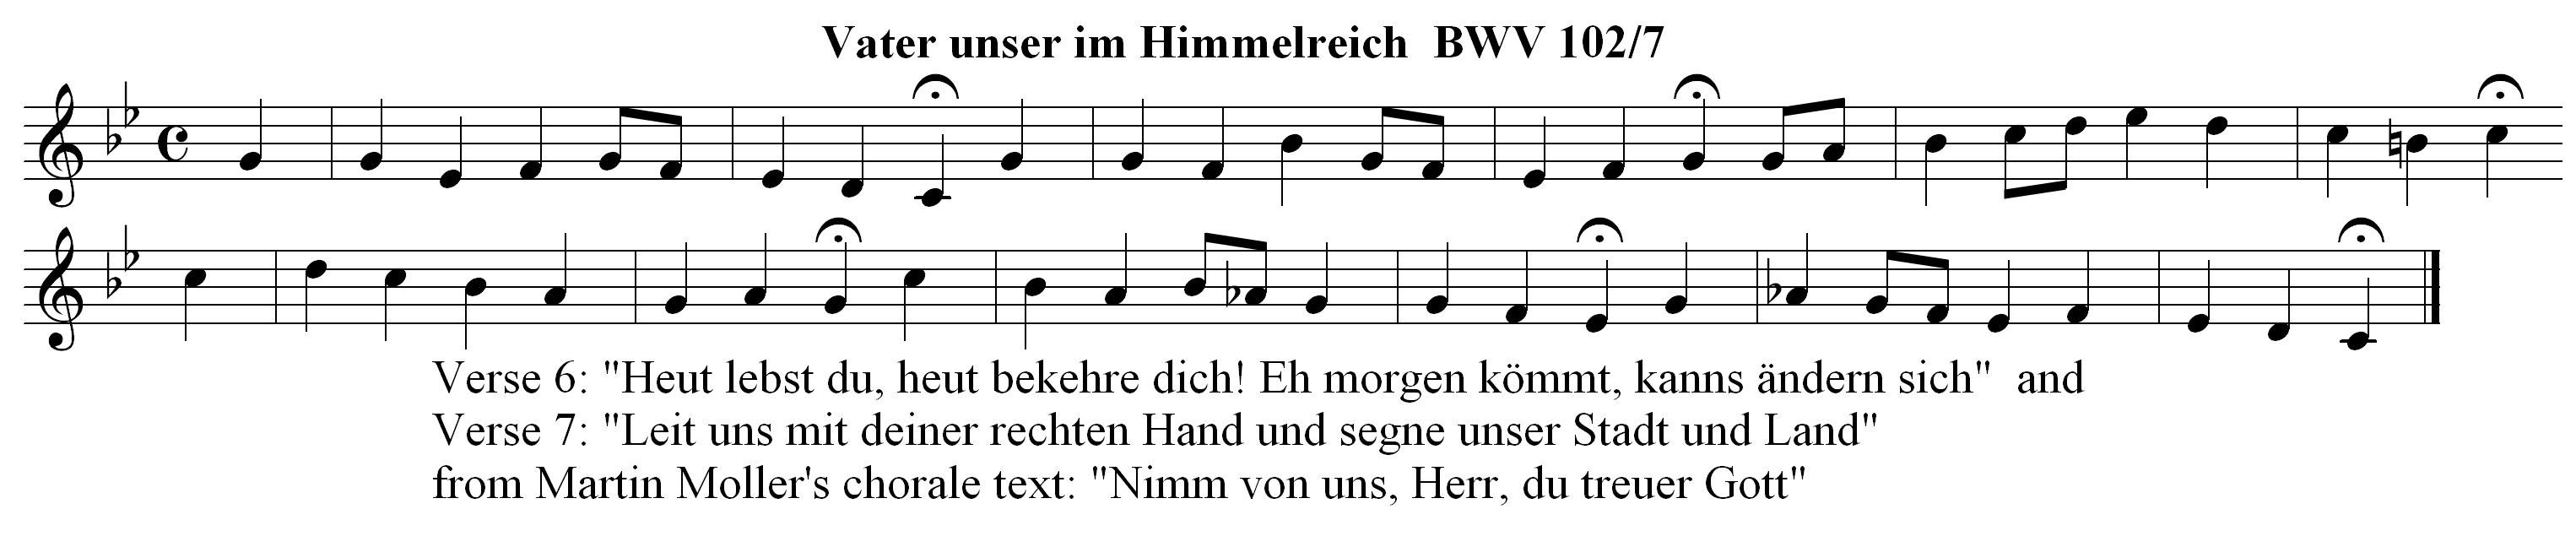 Bach 371 Chorales Pdf